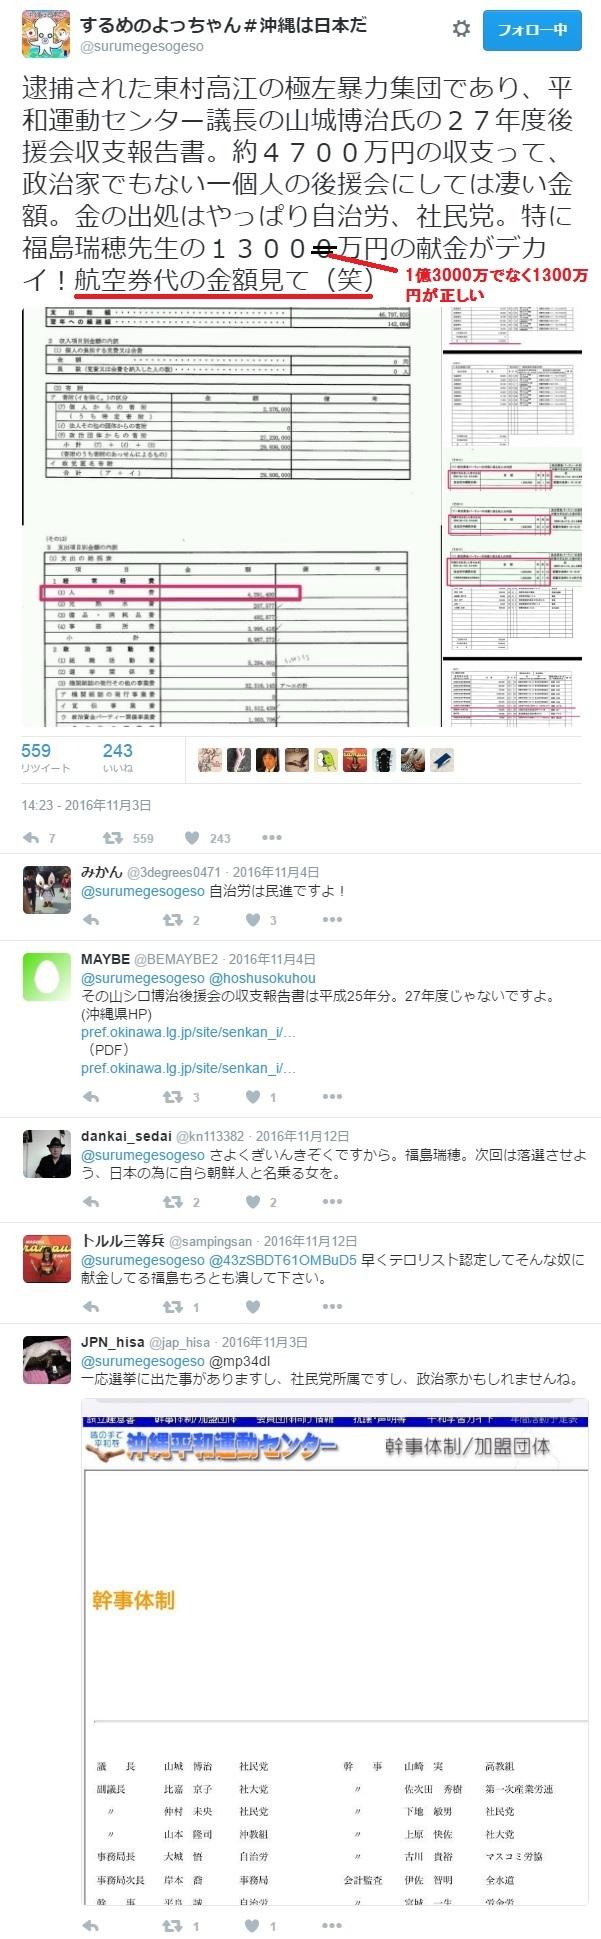 沖縄のテロ活動に1300万円払うミズポ